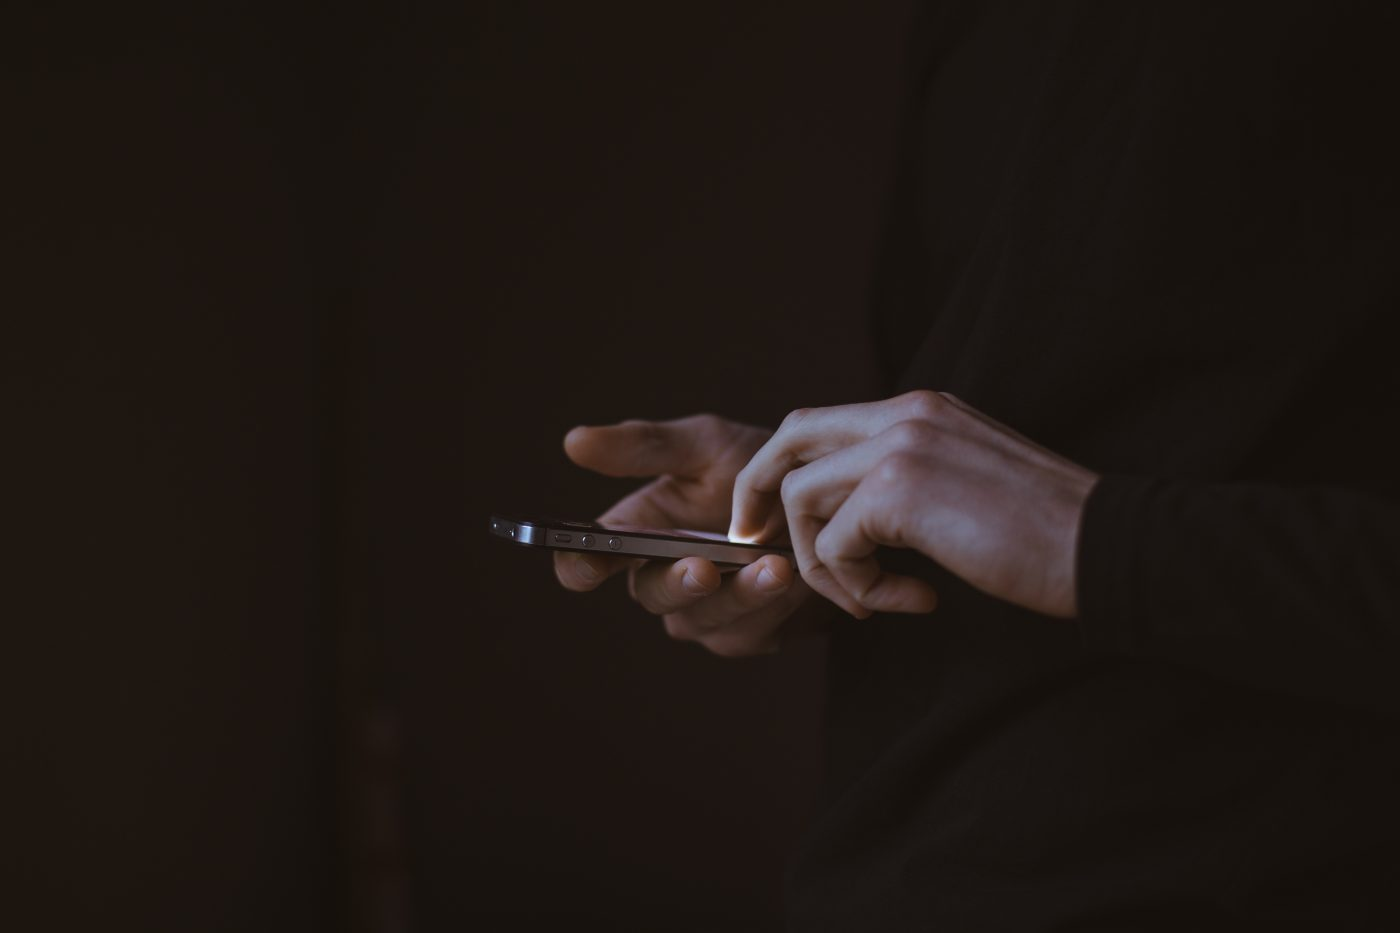 telefon hender mørke